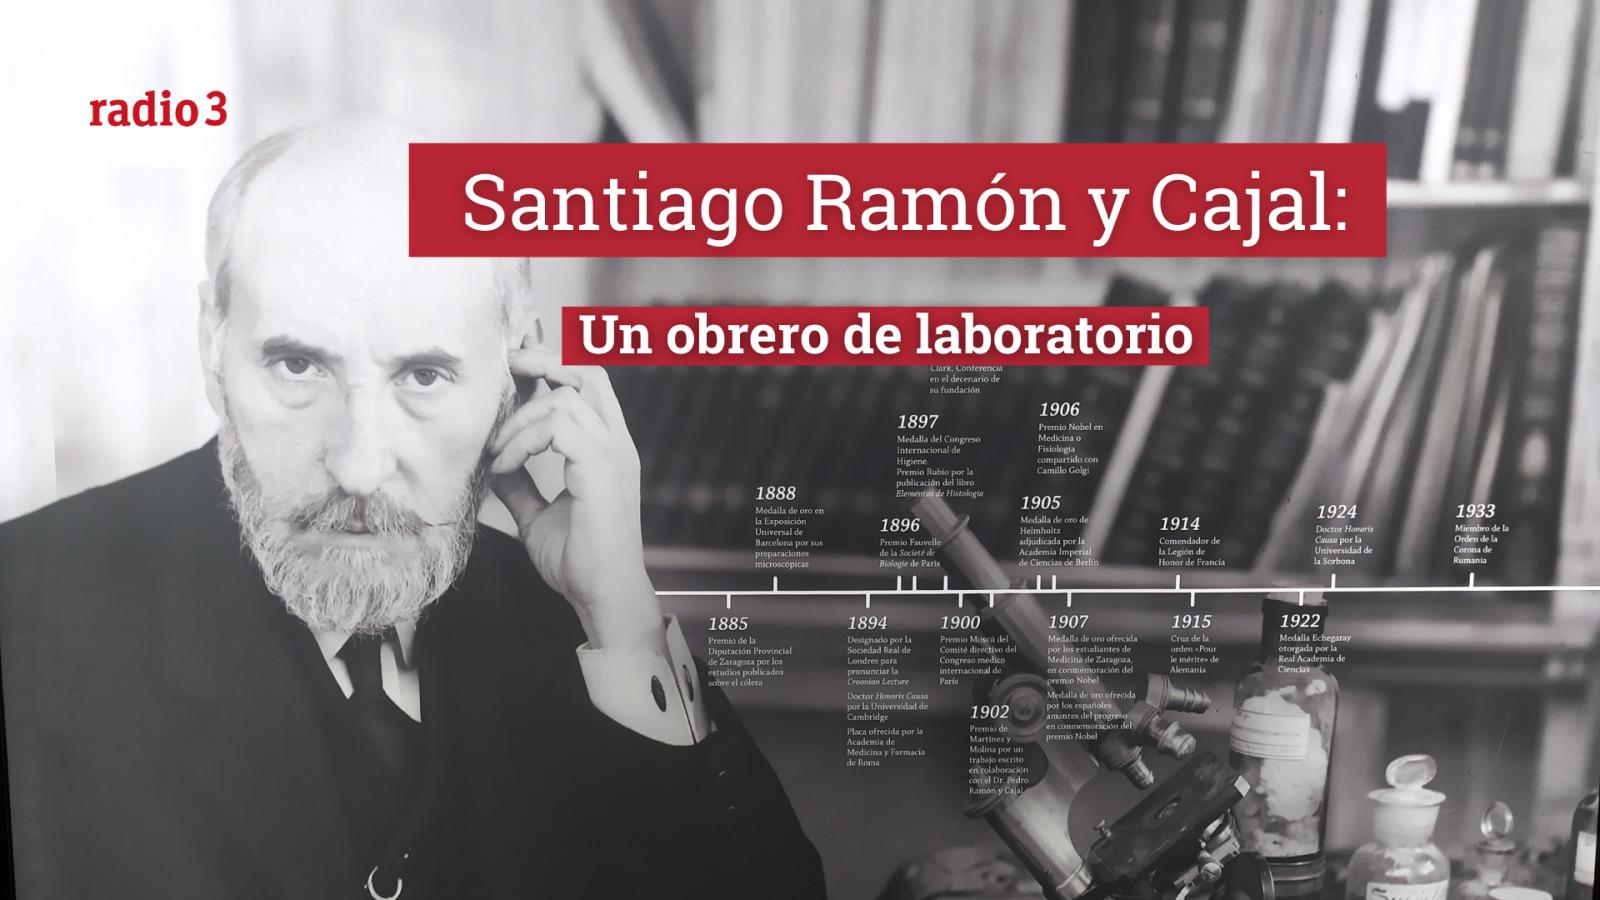 Raportajes - Ramón y Cajal: el obrero de laboratorio - Escuchar ahora